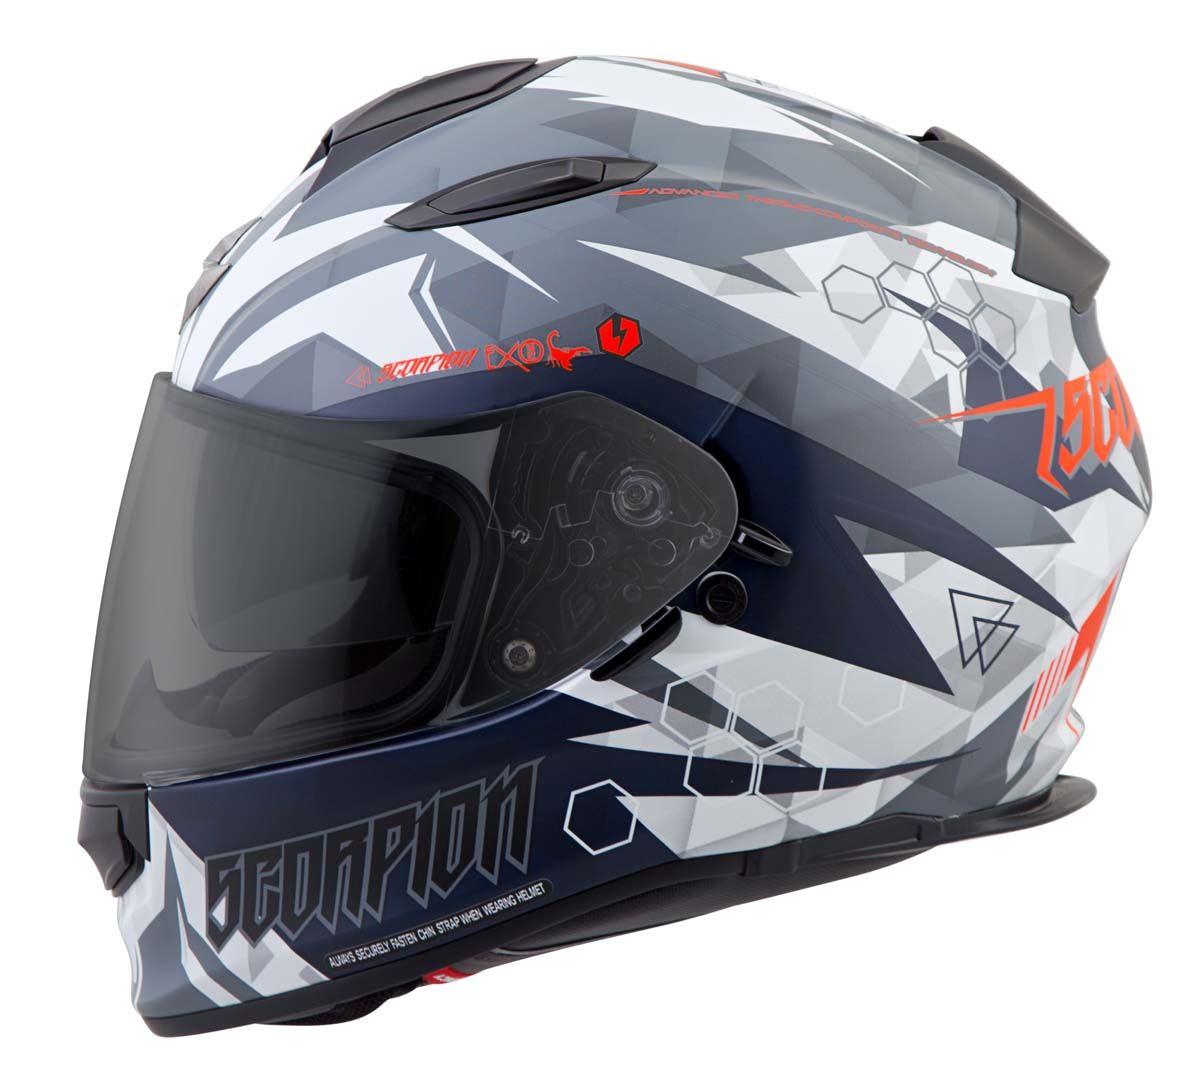 Scorpion-EXO-T510-Helmet-Full-Face-DOT-Approved-Inner-Sun-Shield miniature 50